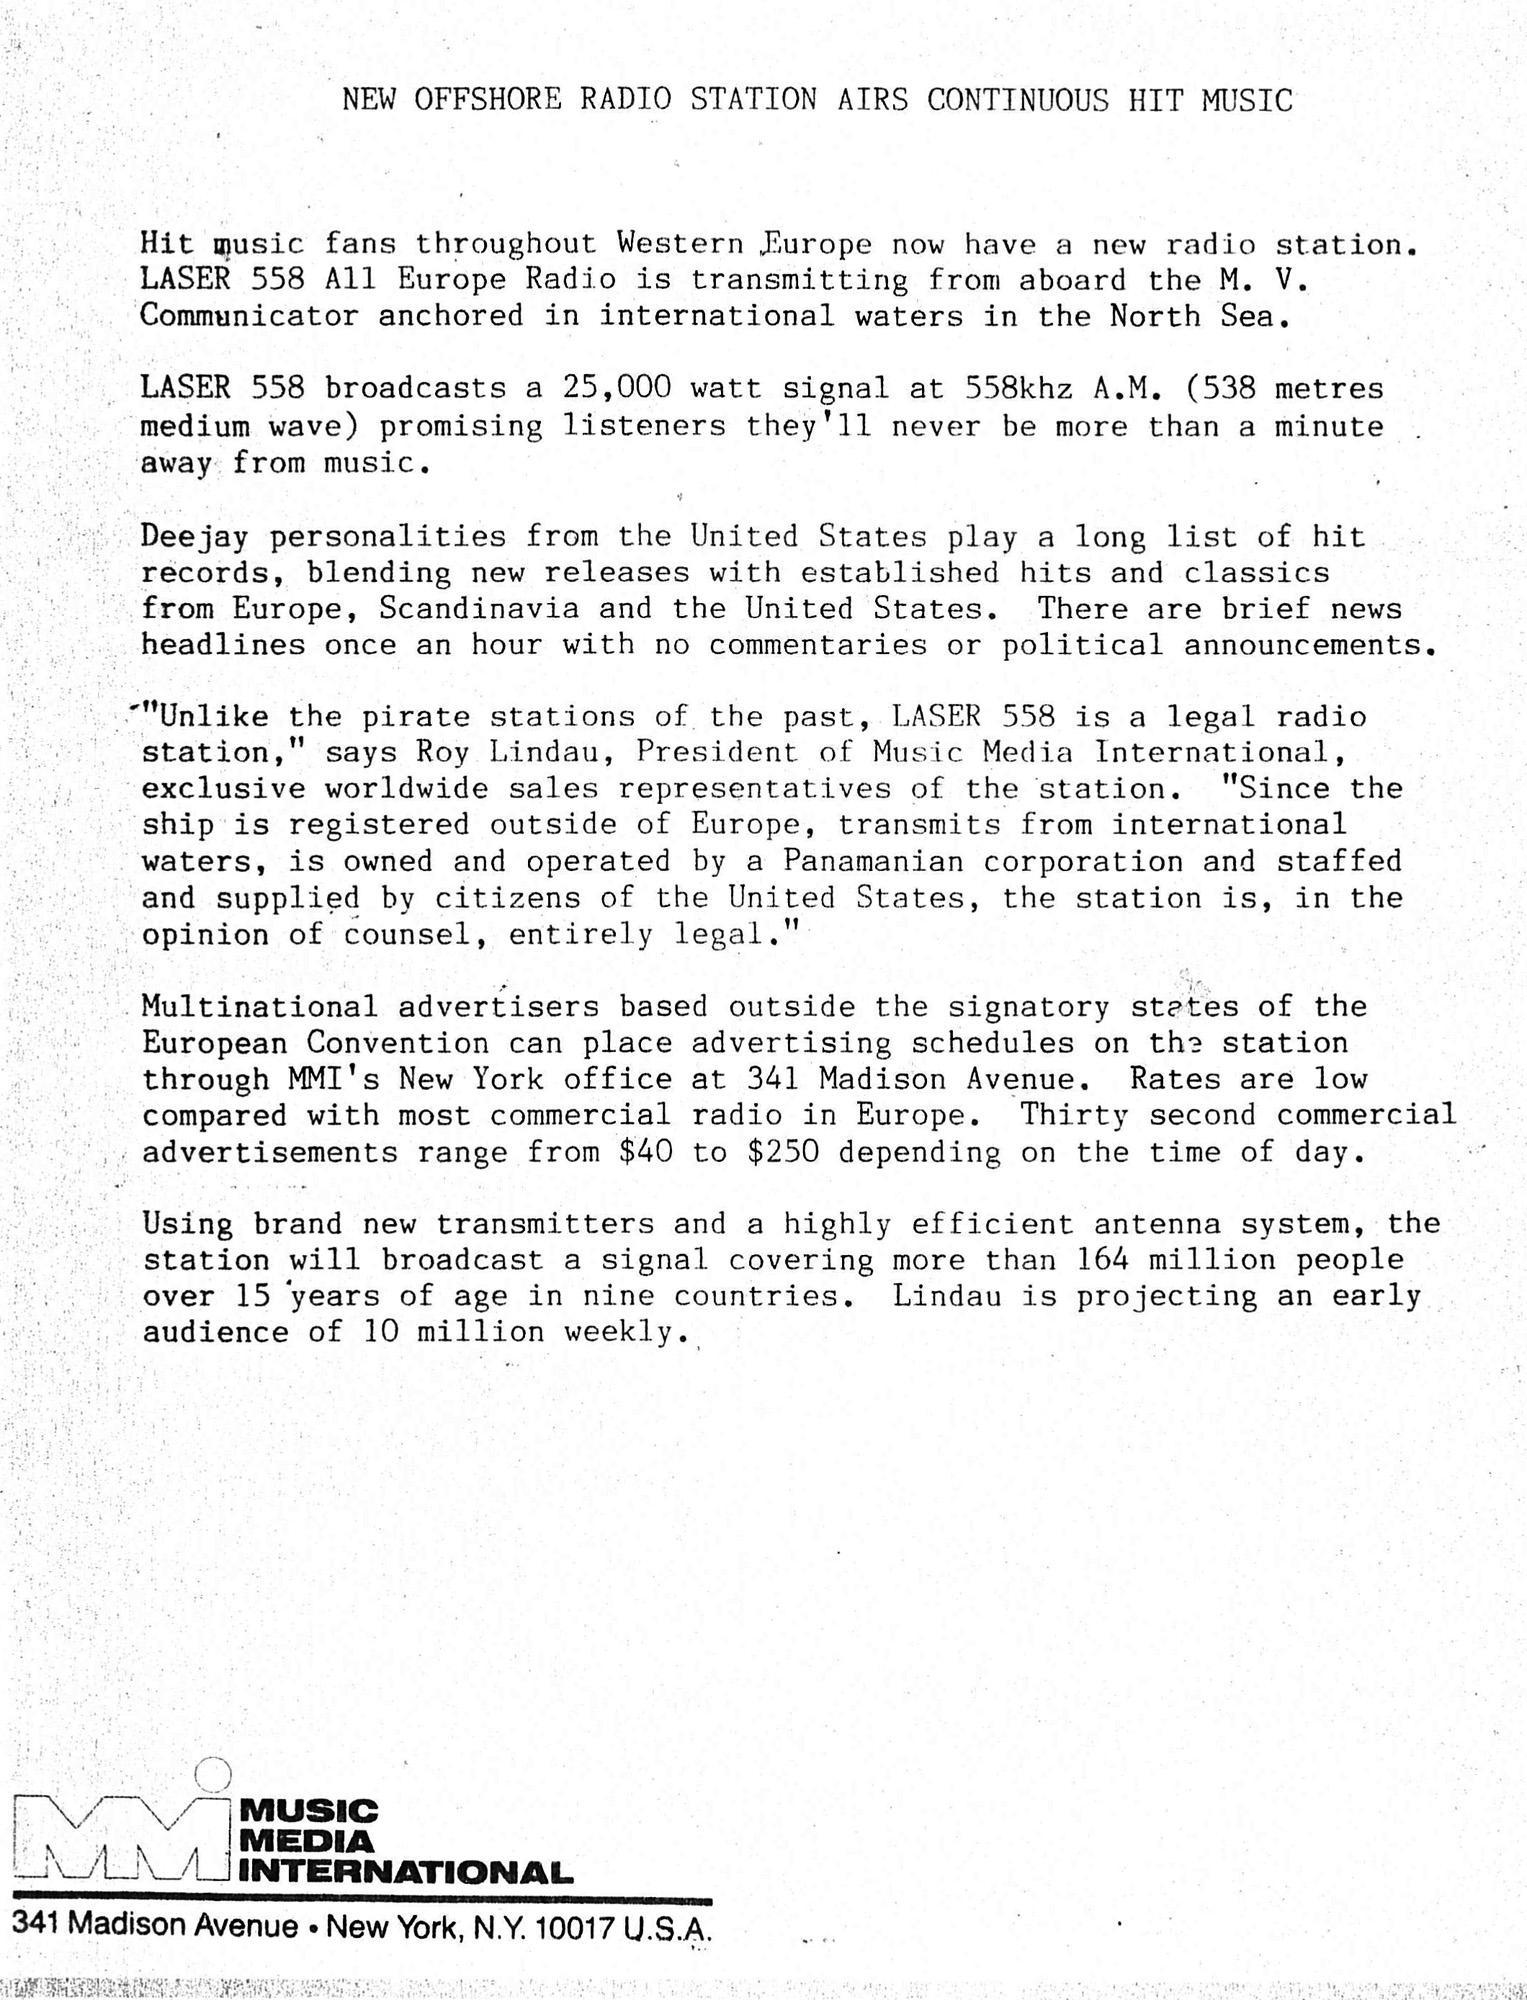 19831201 Press release Laser 558 10.jpg